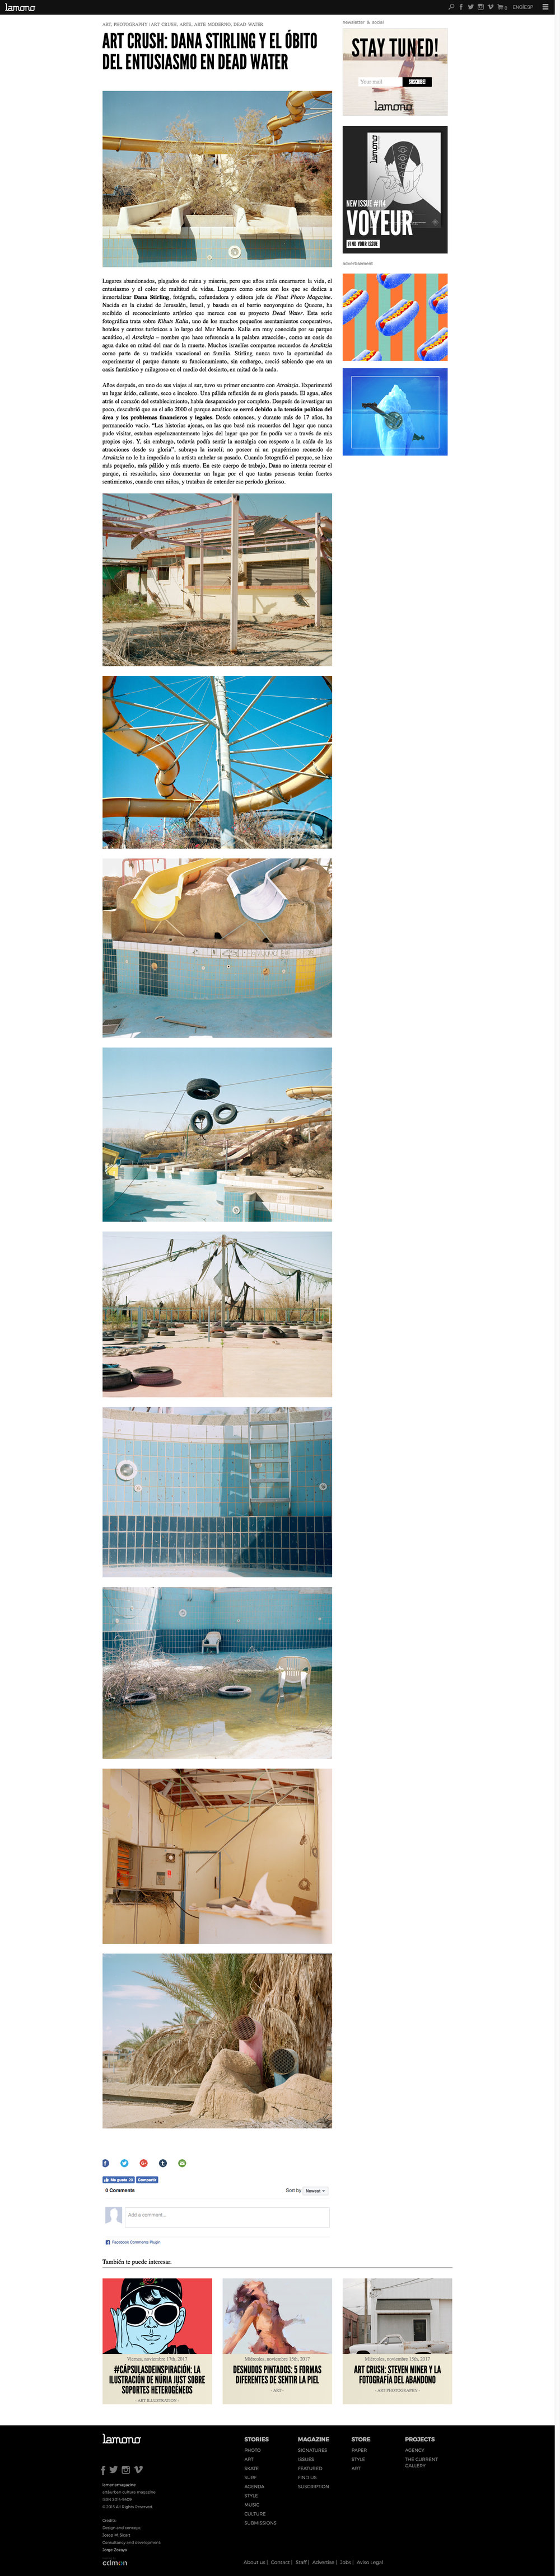 ART CRUSH-dana stirling y el óbito del entusiasmo en Dead Water | lamono magazine (2017-11-17 08-28-48).jpg